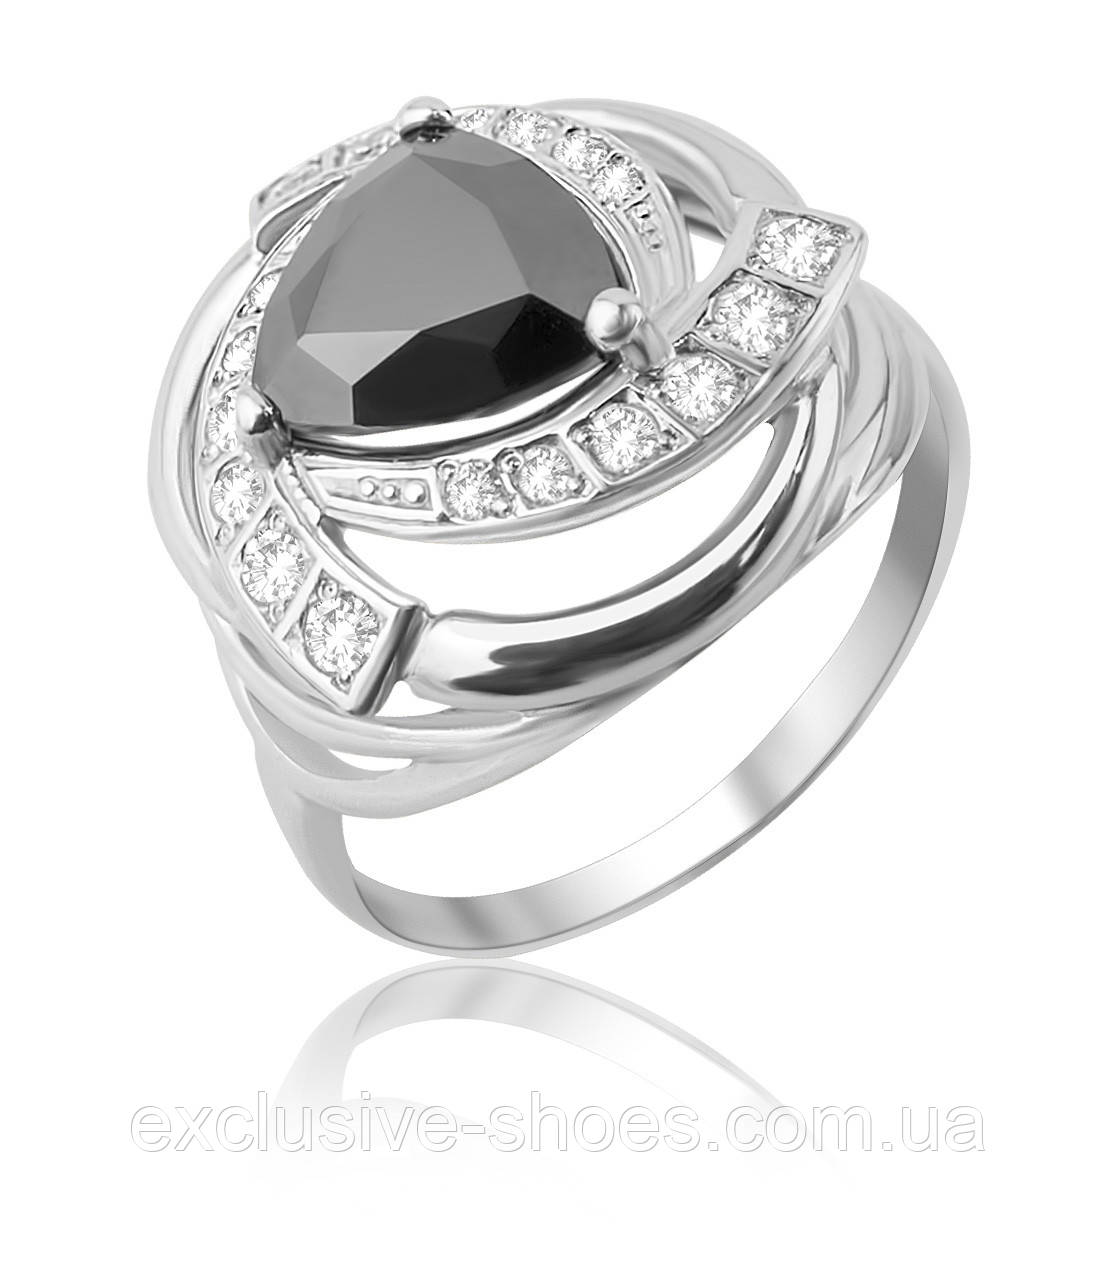 """Серебряное кольцо """"Дженна"""" с крупным черным  фианитом, арт-910122ч"""